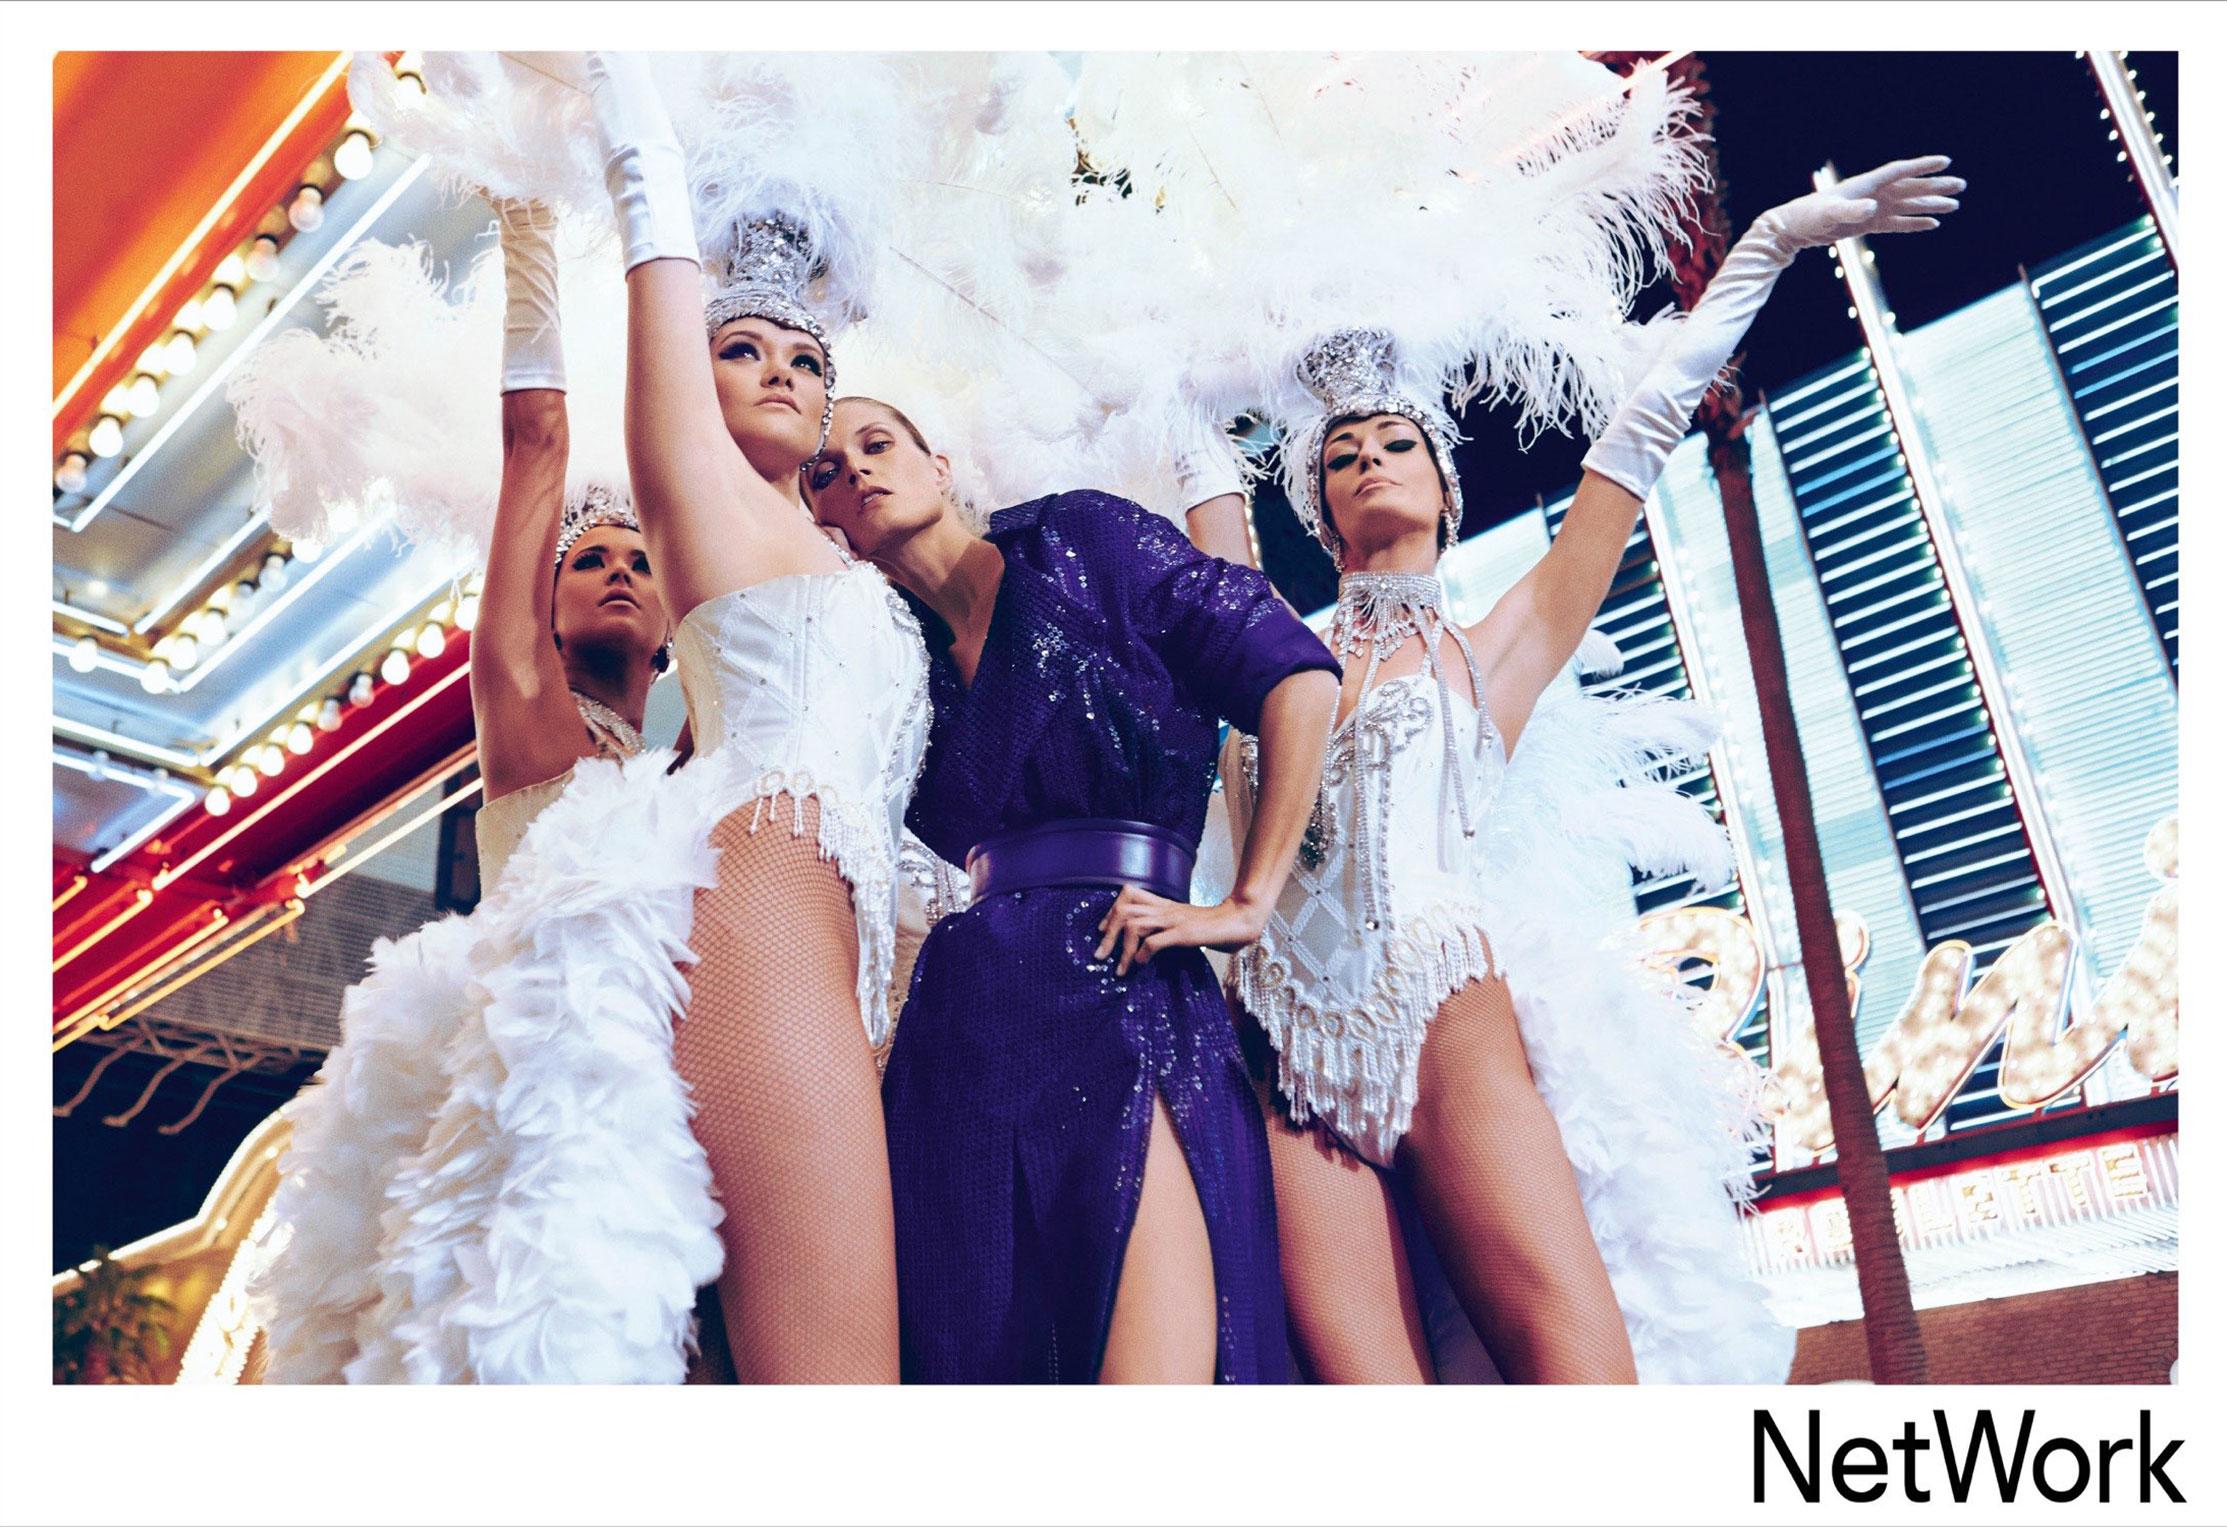 супермодель Малгоша Бела в рекламной кампании турецкого модного бренда Network, сезон весна-лето 2015 / фото 03